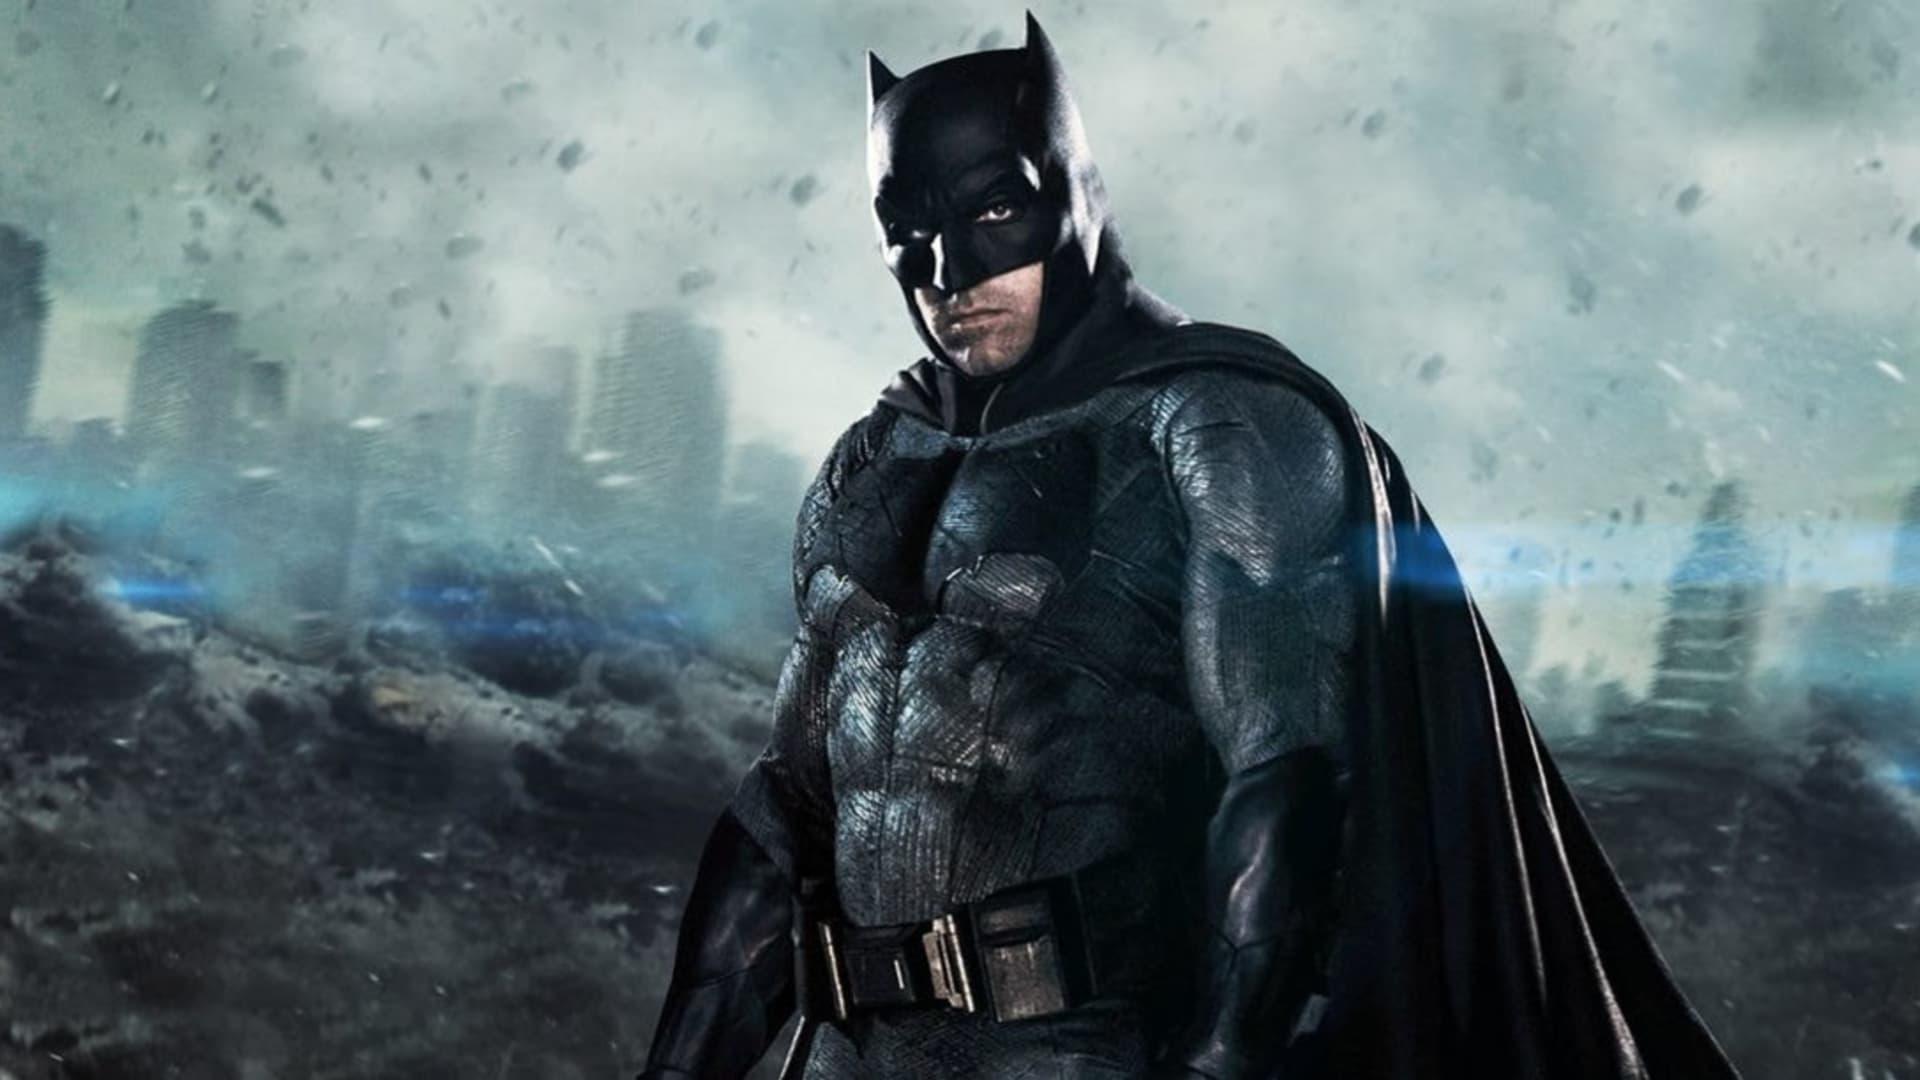 Batman franchise